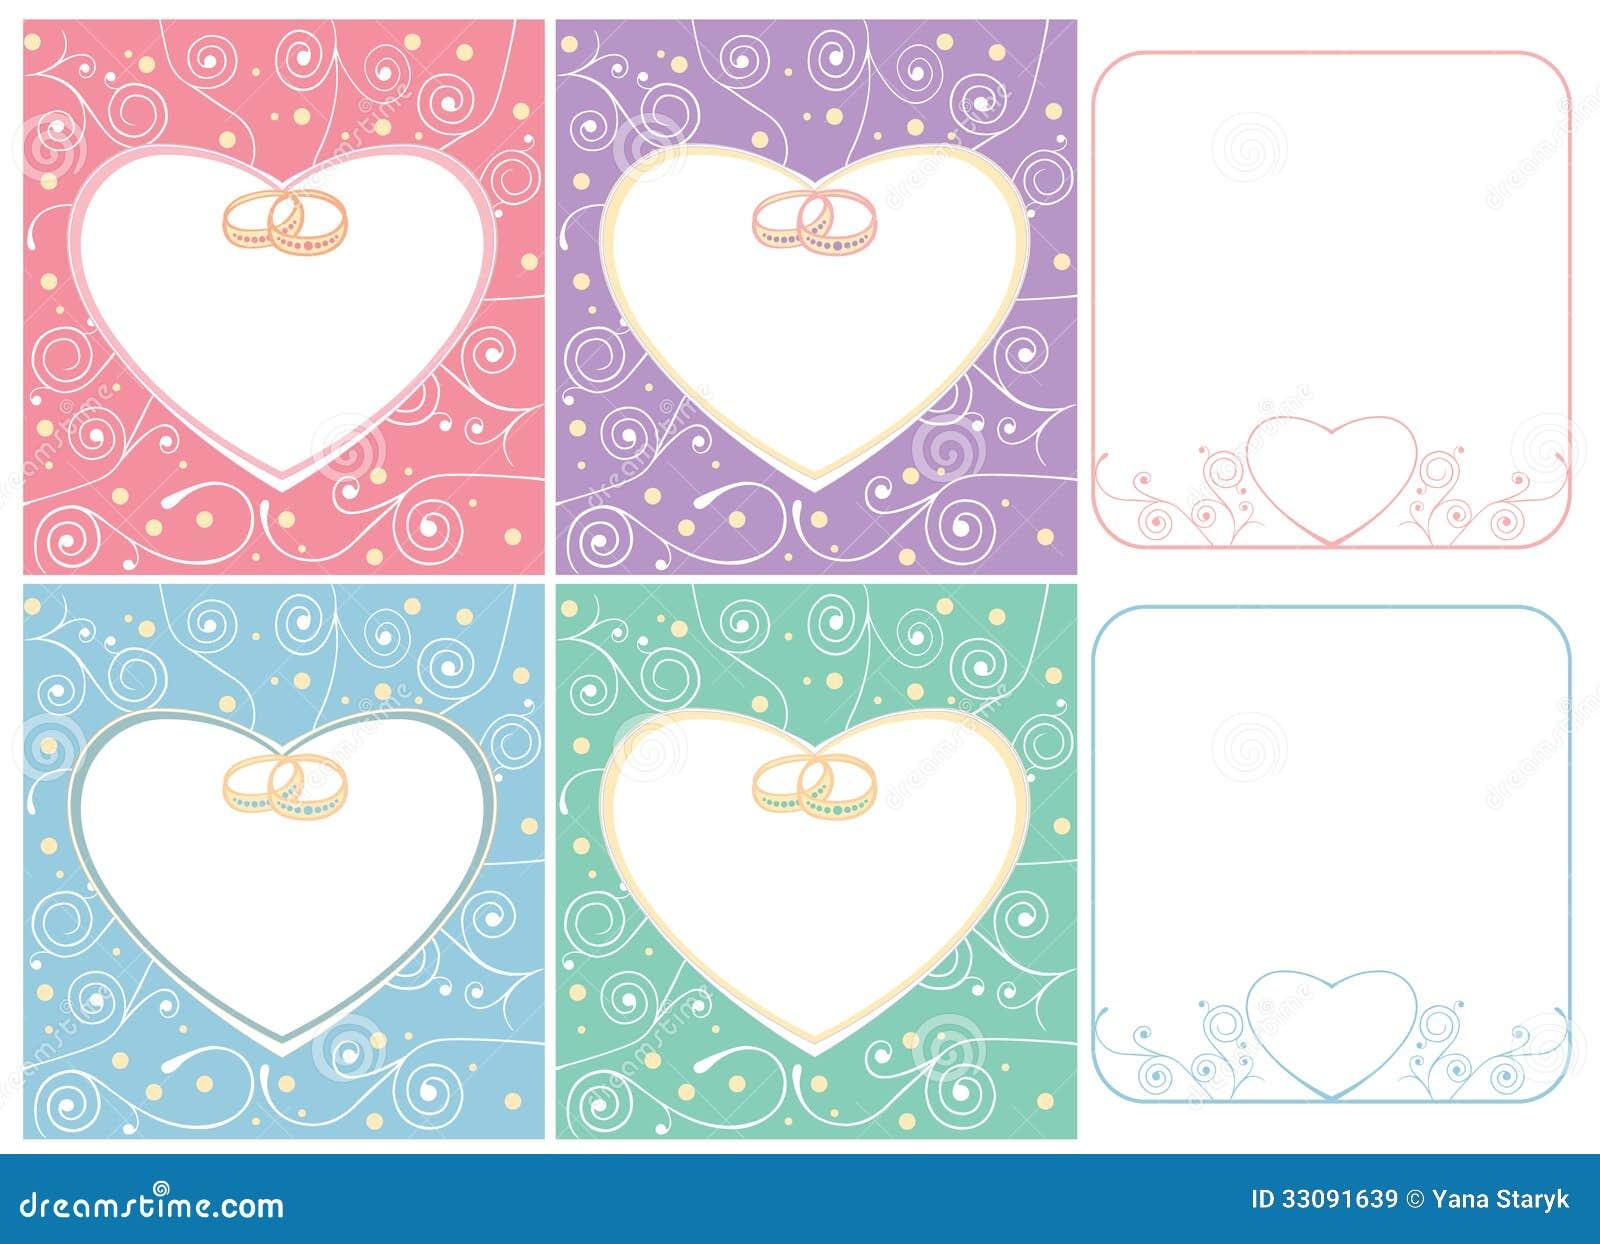 Hochzeitskarten Und Rahmen Mit Ringen Vektor Abbildung